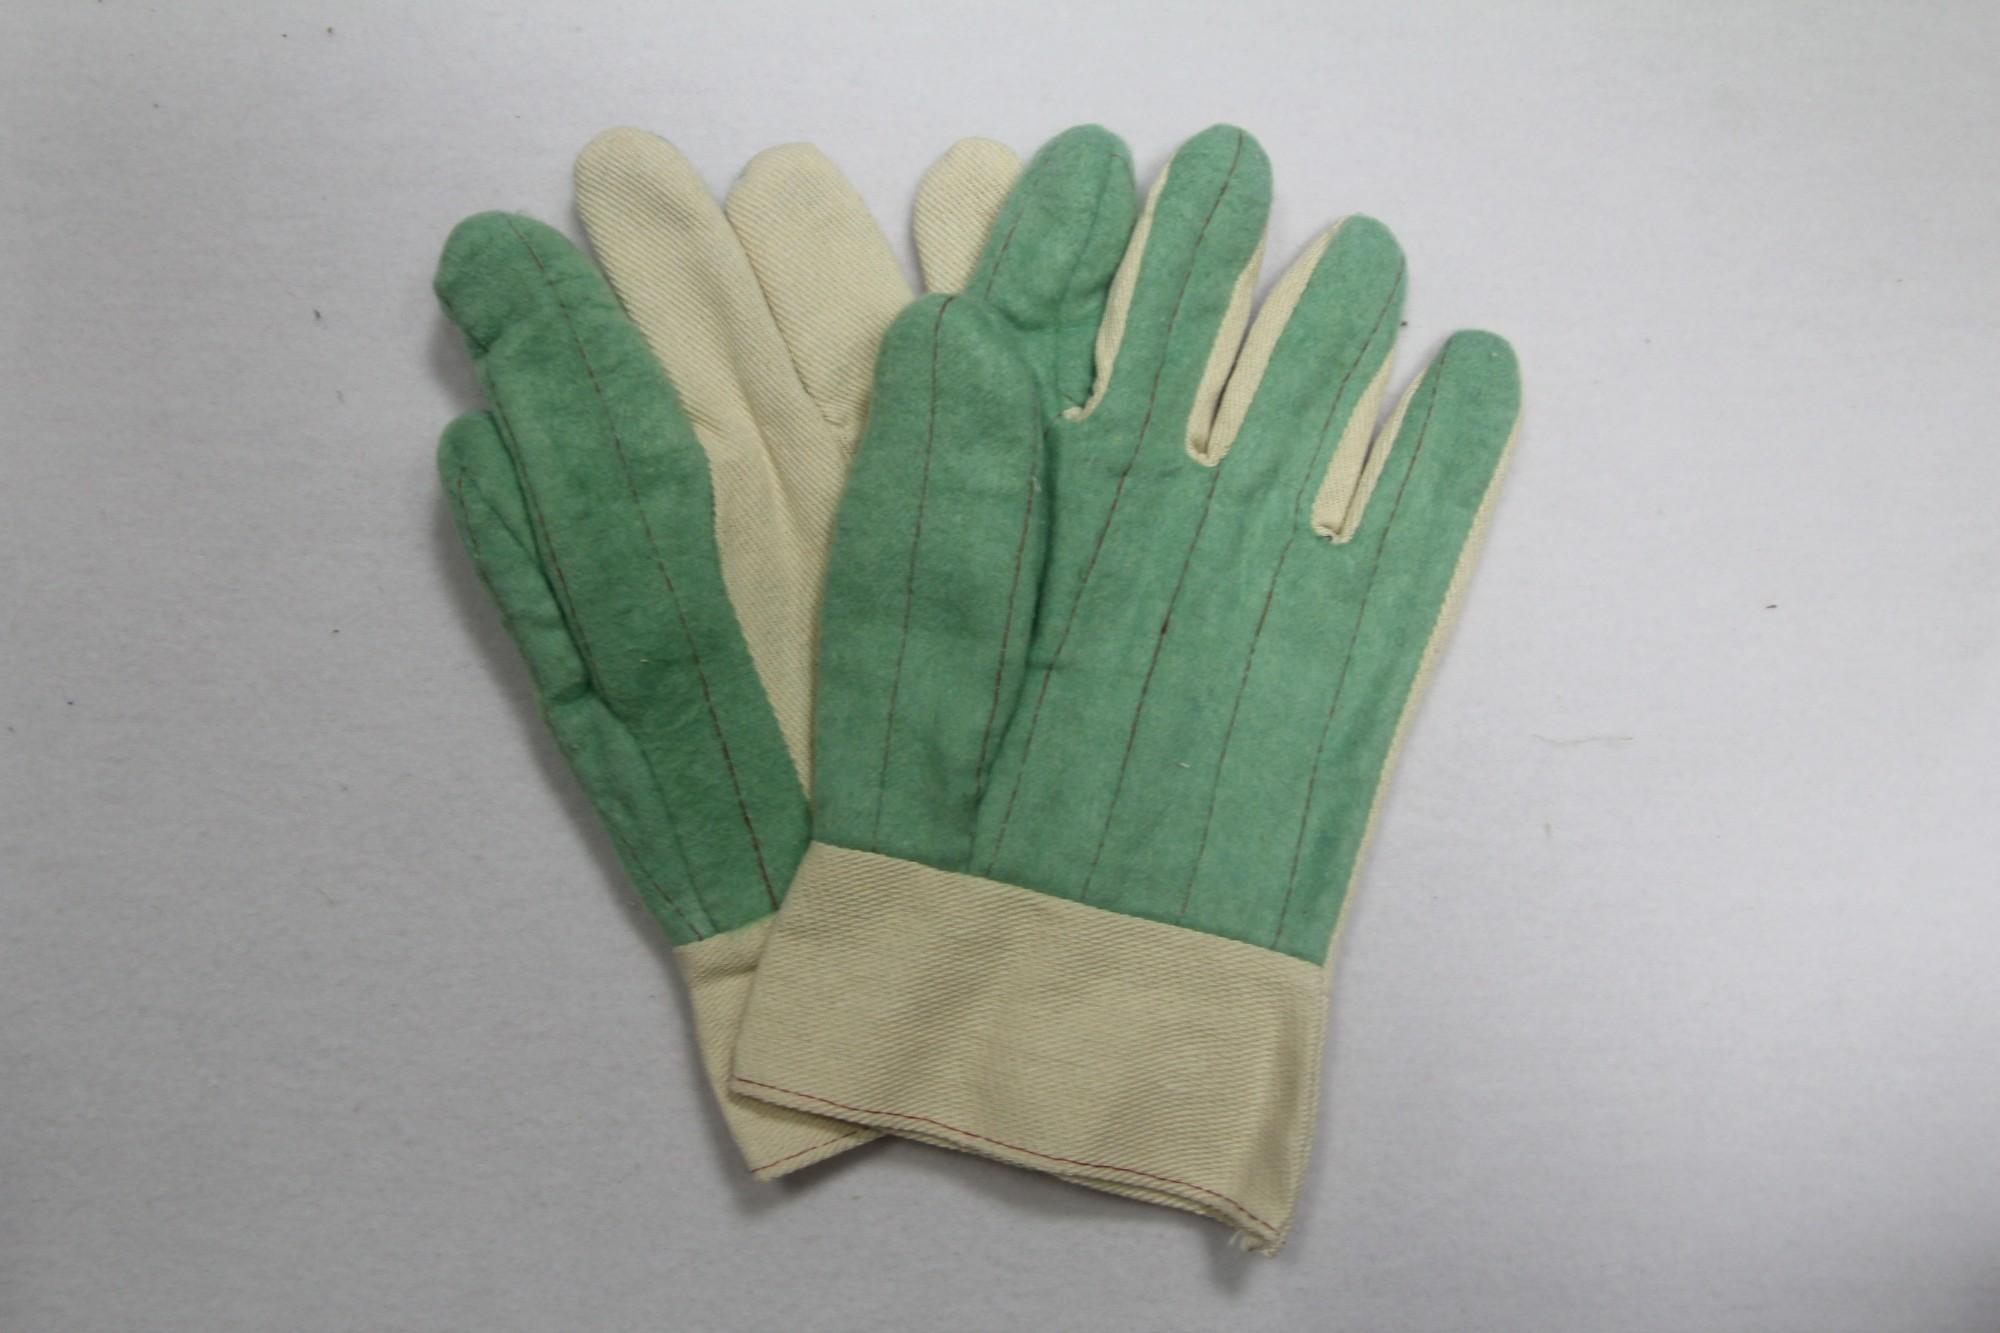 Koop Corduroy groene handschoenen. Corduroy groene handschoenen Prijzen. Corduroy groene handschoenen Brands. Corduroy groene handschoenen Fabrikant. Corduroy groene handschoenen Quotes. Corduroy groene handschoenen Company.